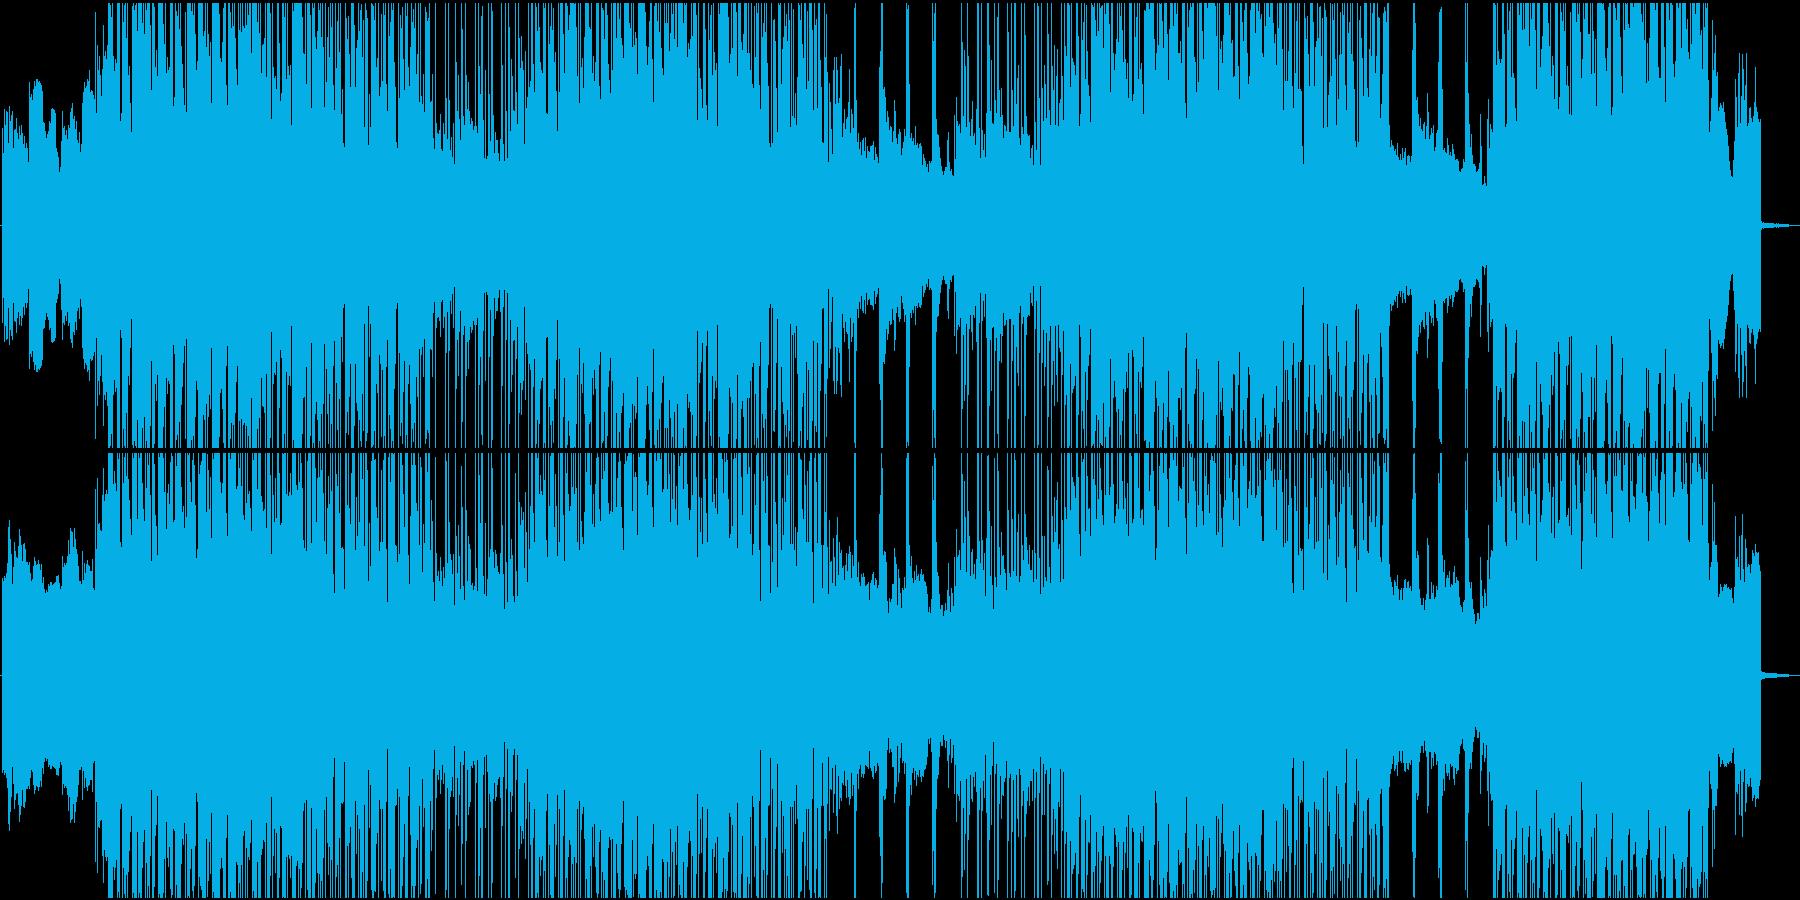 ダークでインダストリアルな雰囲気の再生済みの波形